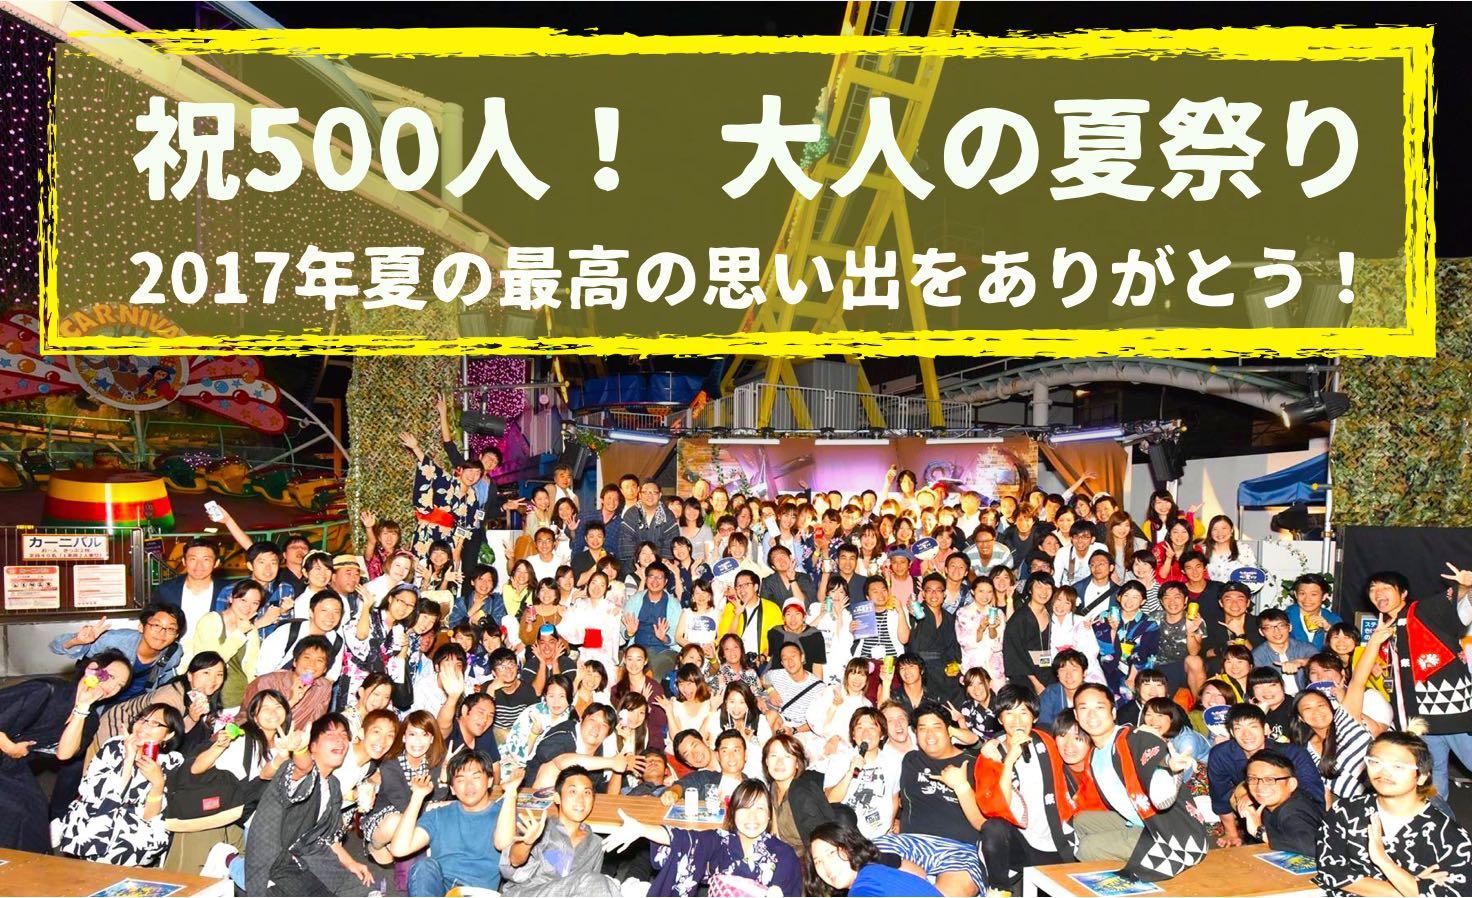 夜の遊園地貸切!おとなの夏祭りー写真はこちらから!ー9/4更新《400名満員御礼!ありがとうございます!》